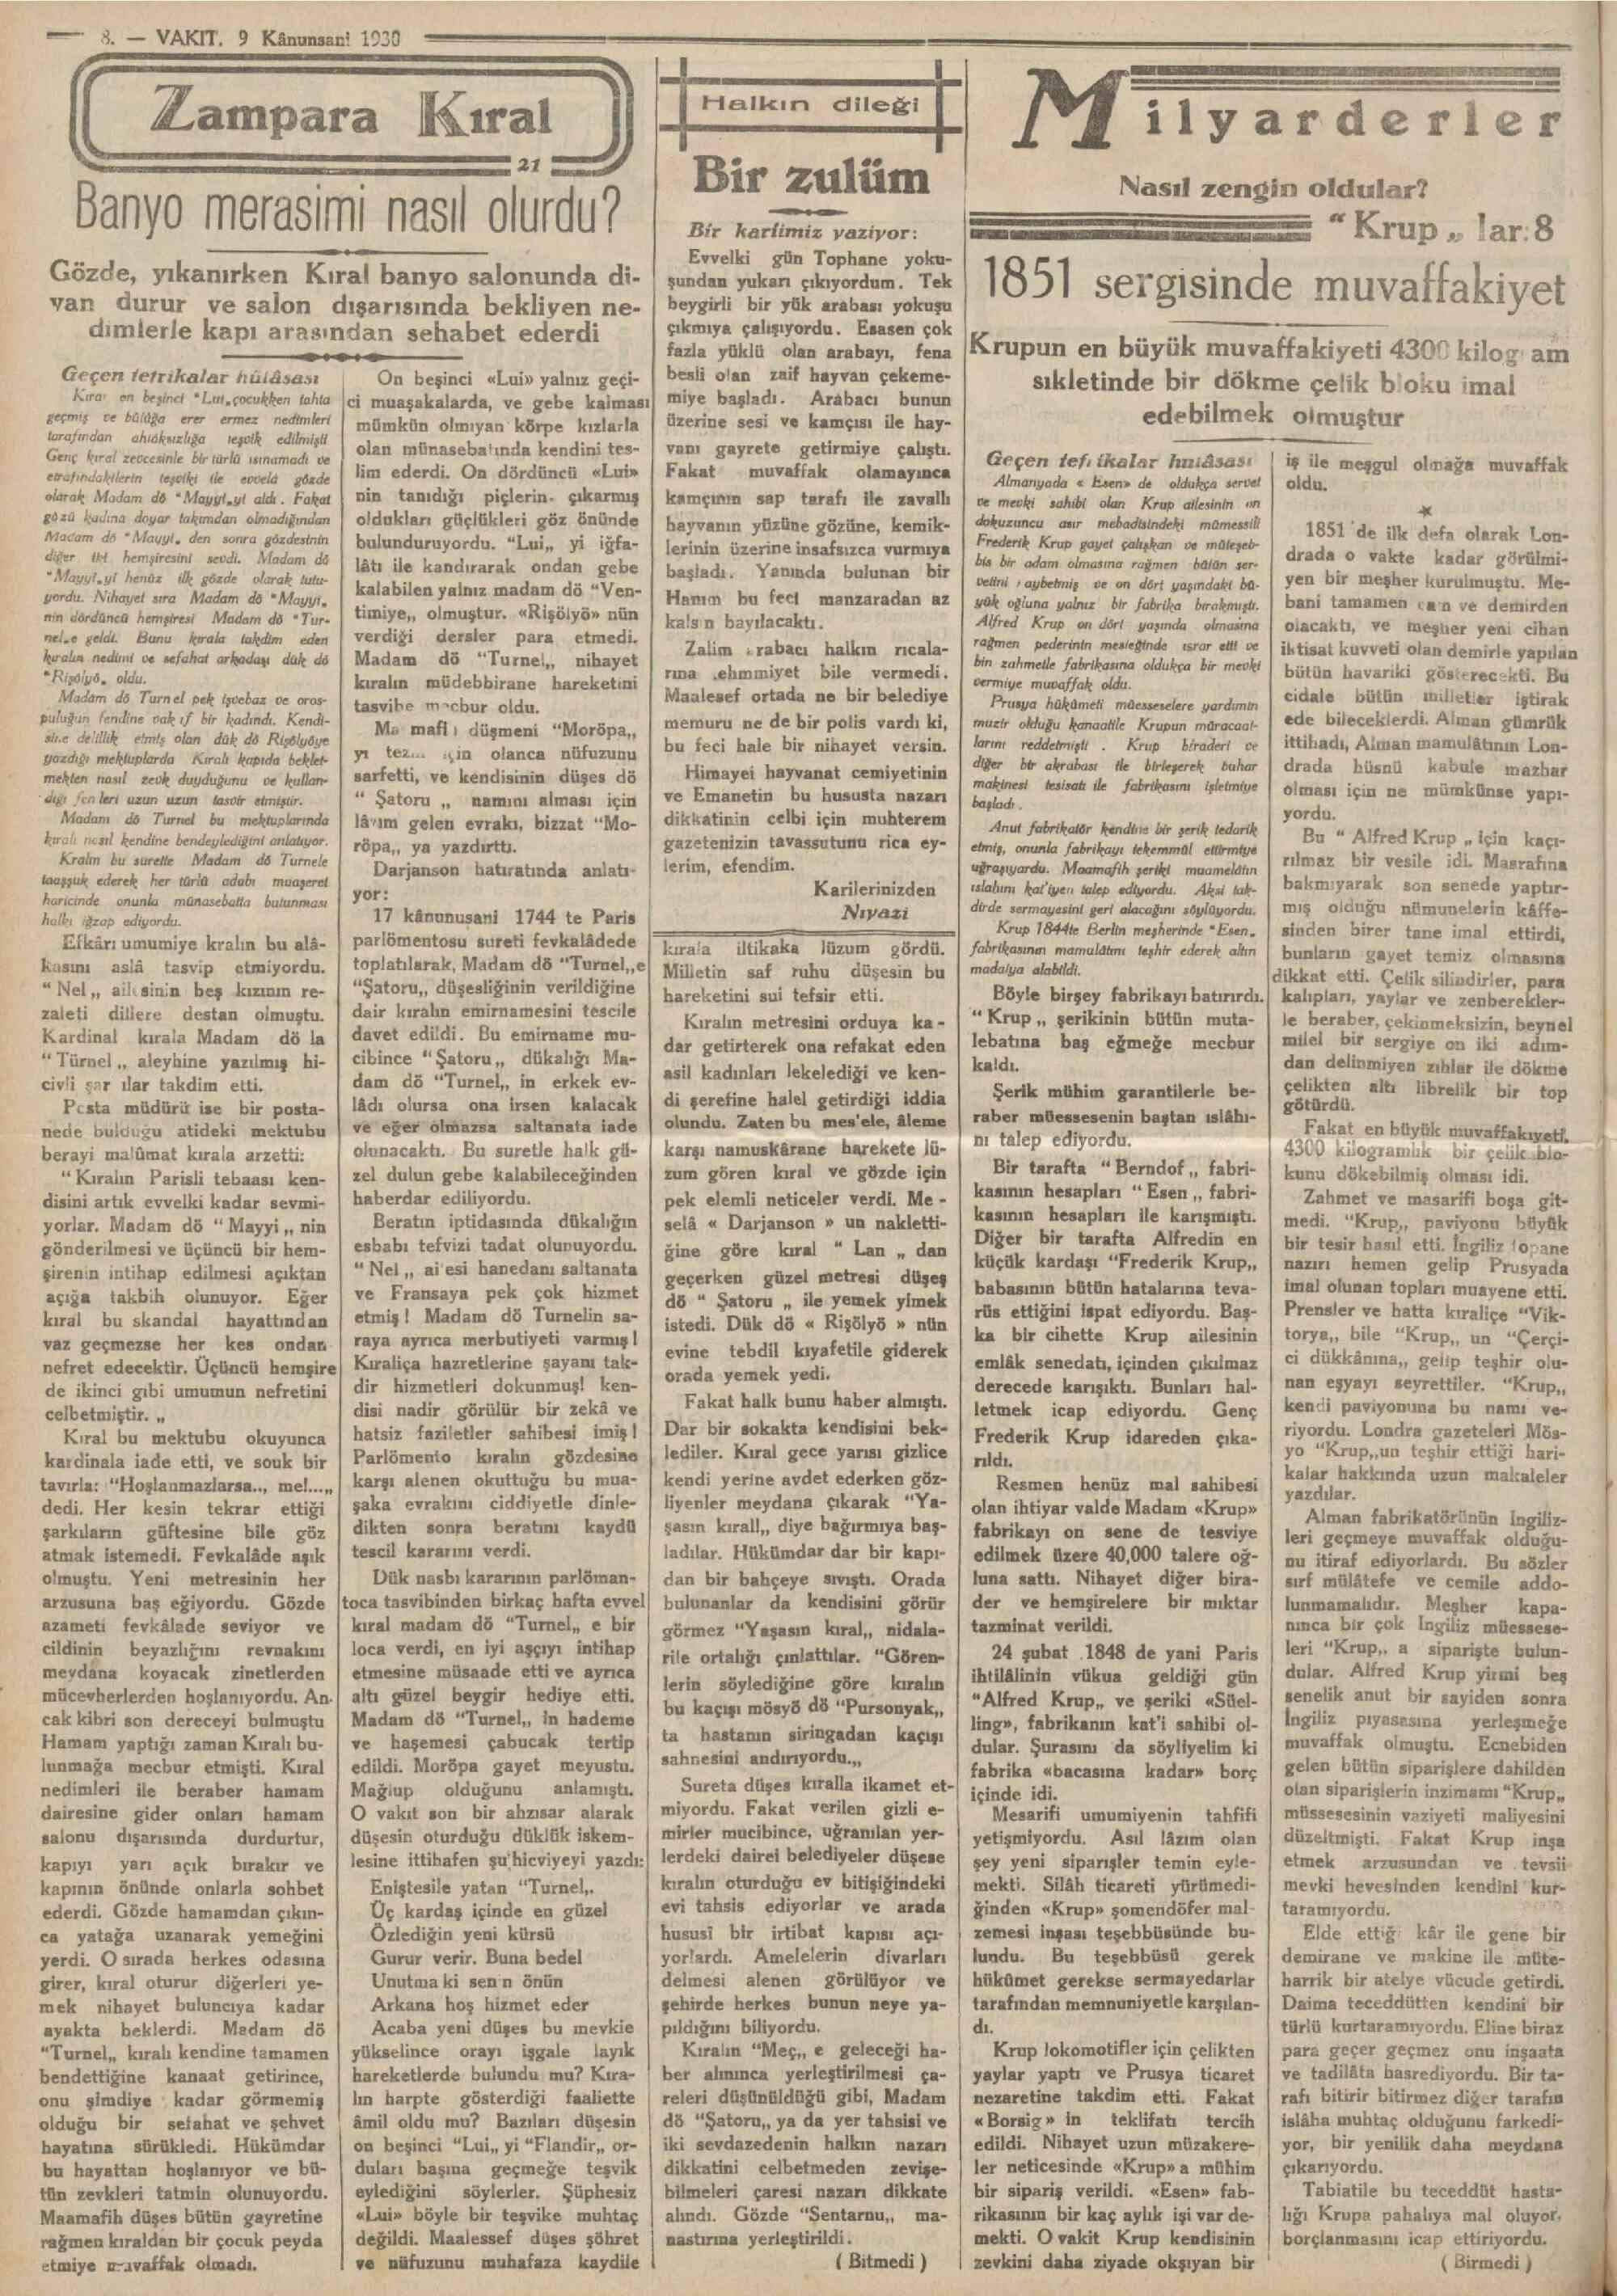 9 Ocak 1930 Tarihli Vakit Gazetesi Sayfa 8